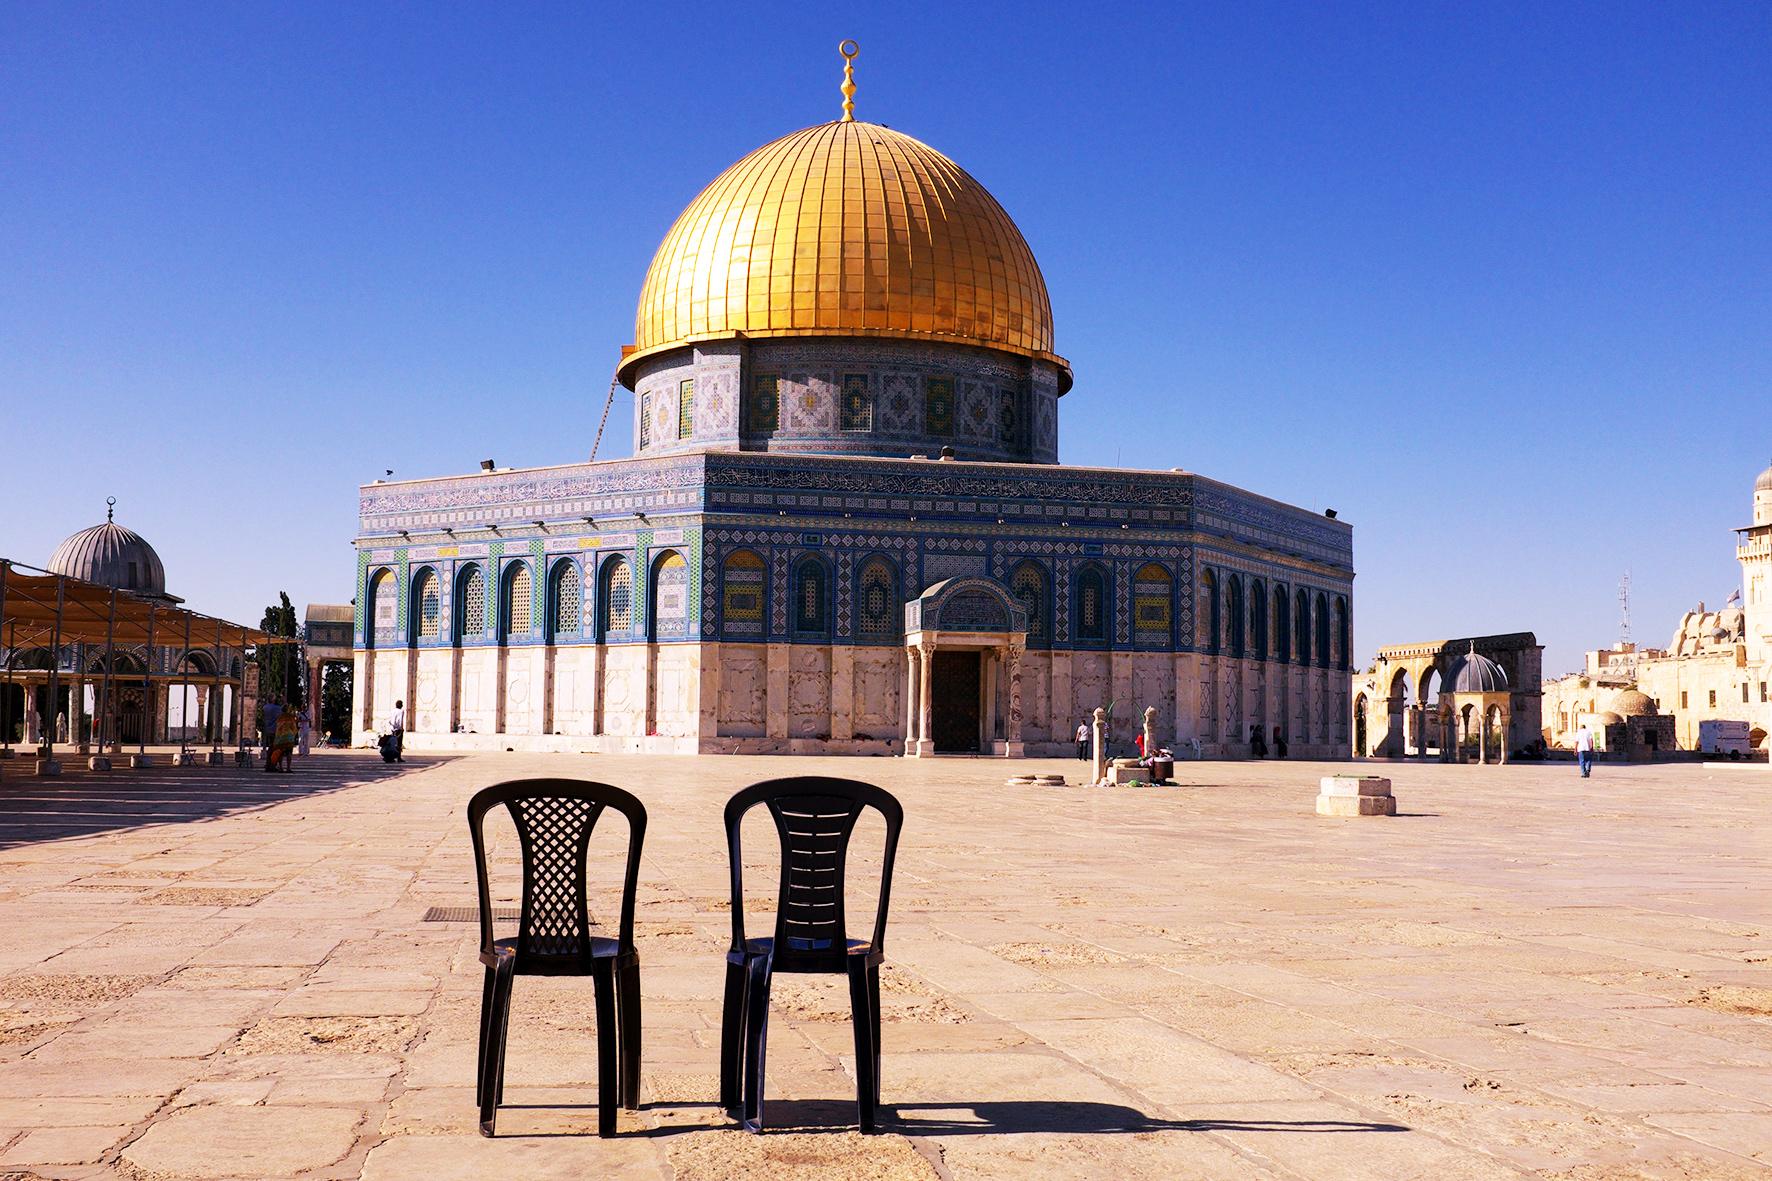 #WYWH4. Israël, Jérusalem. 2015